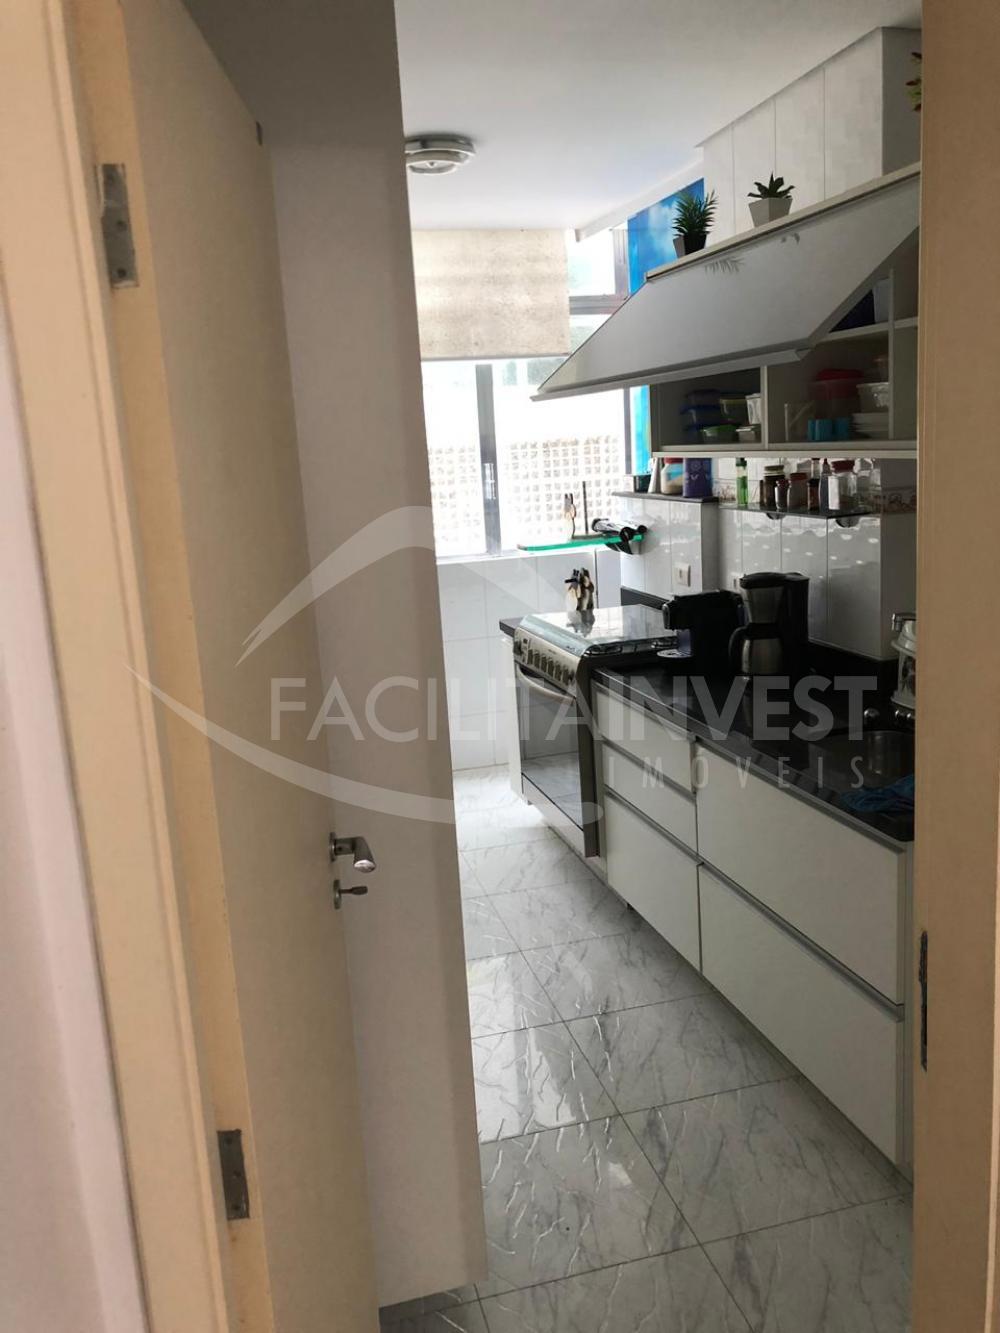 Comprar Apartamentos / Apart. Padrão em Santos apenas R$ 550.000,00 - Foto 4